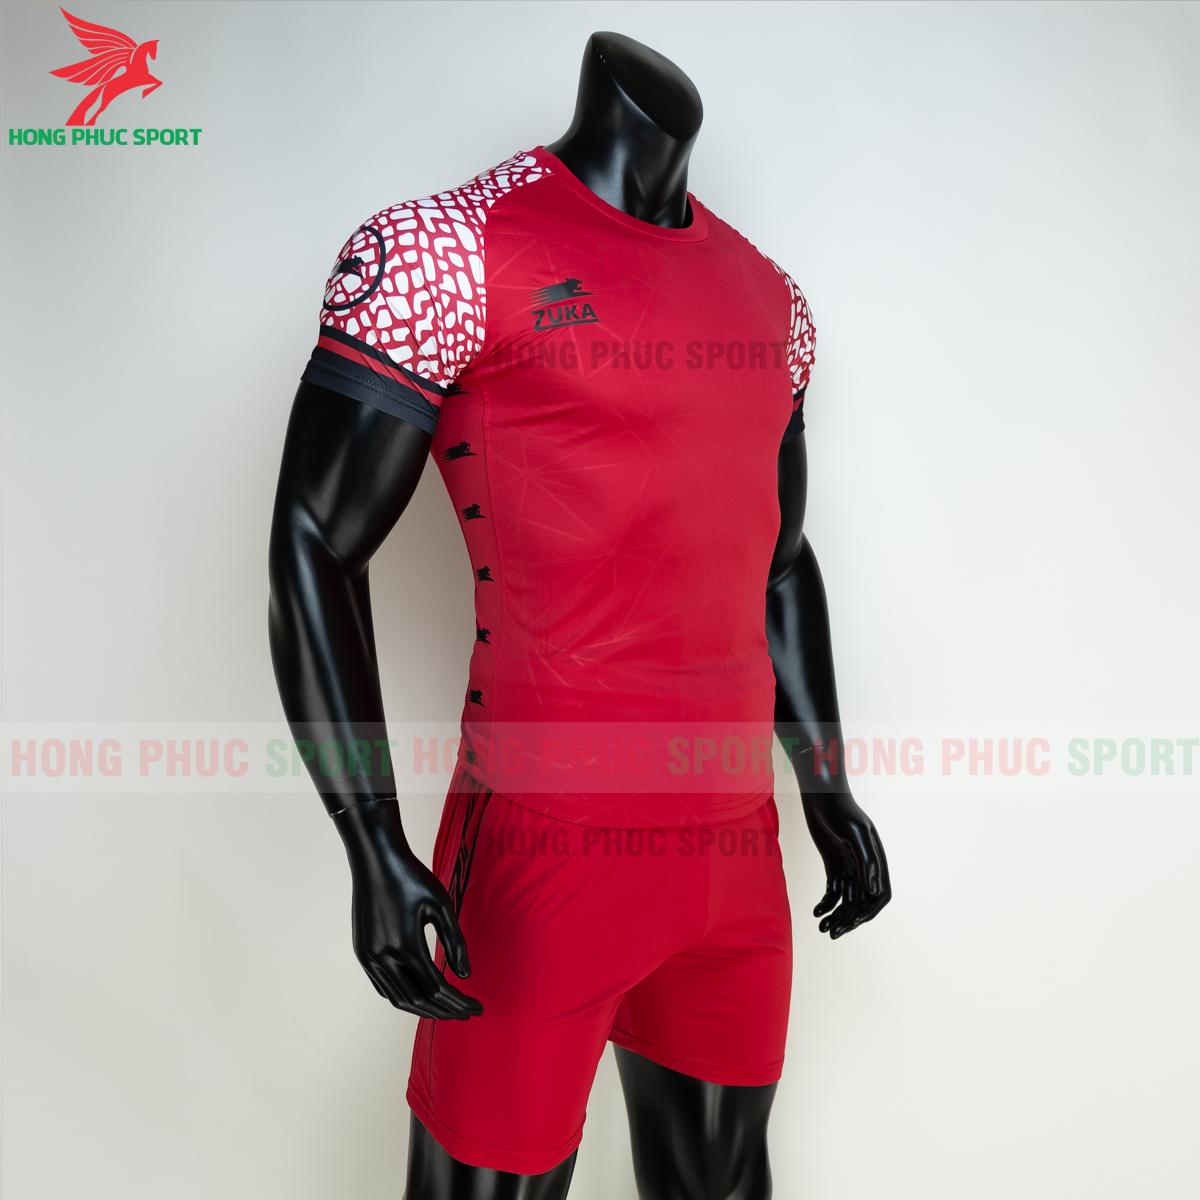 https://cdn.hongphucsport.com/unsafe/s4.shopbay.vn/files/285/ao-bong-da-khong-logo-zuka-02-mau-do-5-6050324a047ba.png